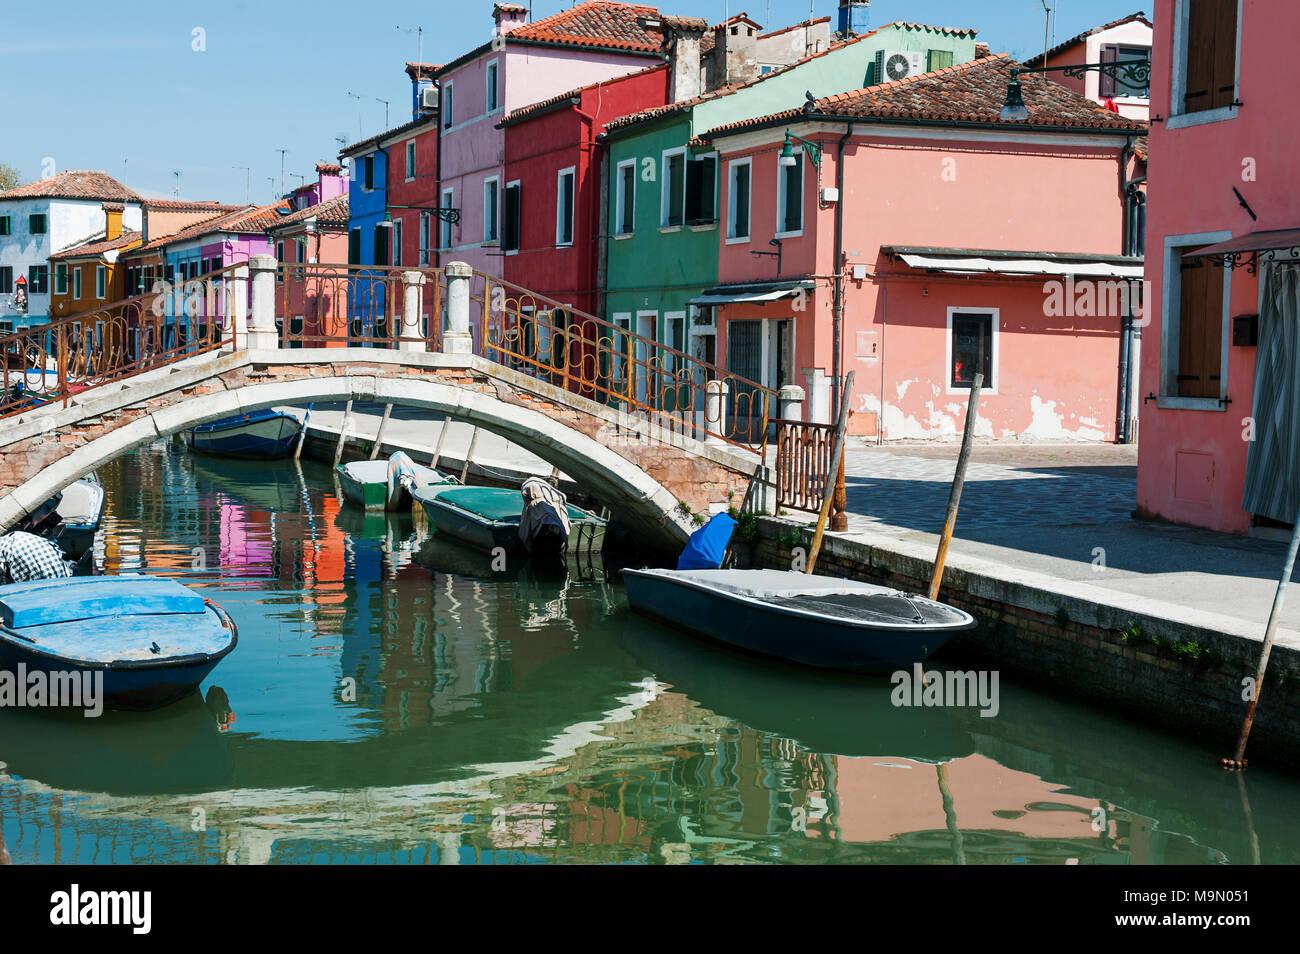 Insel Burano, Venedig, Italien - schöne Aussicht auf die Gracht, bunte Häuser, Boote und eine Brücke Stockbild